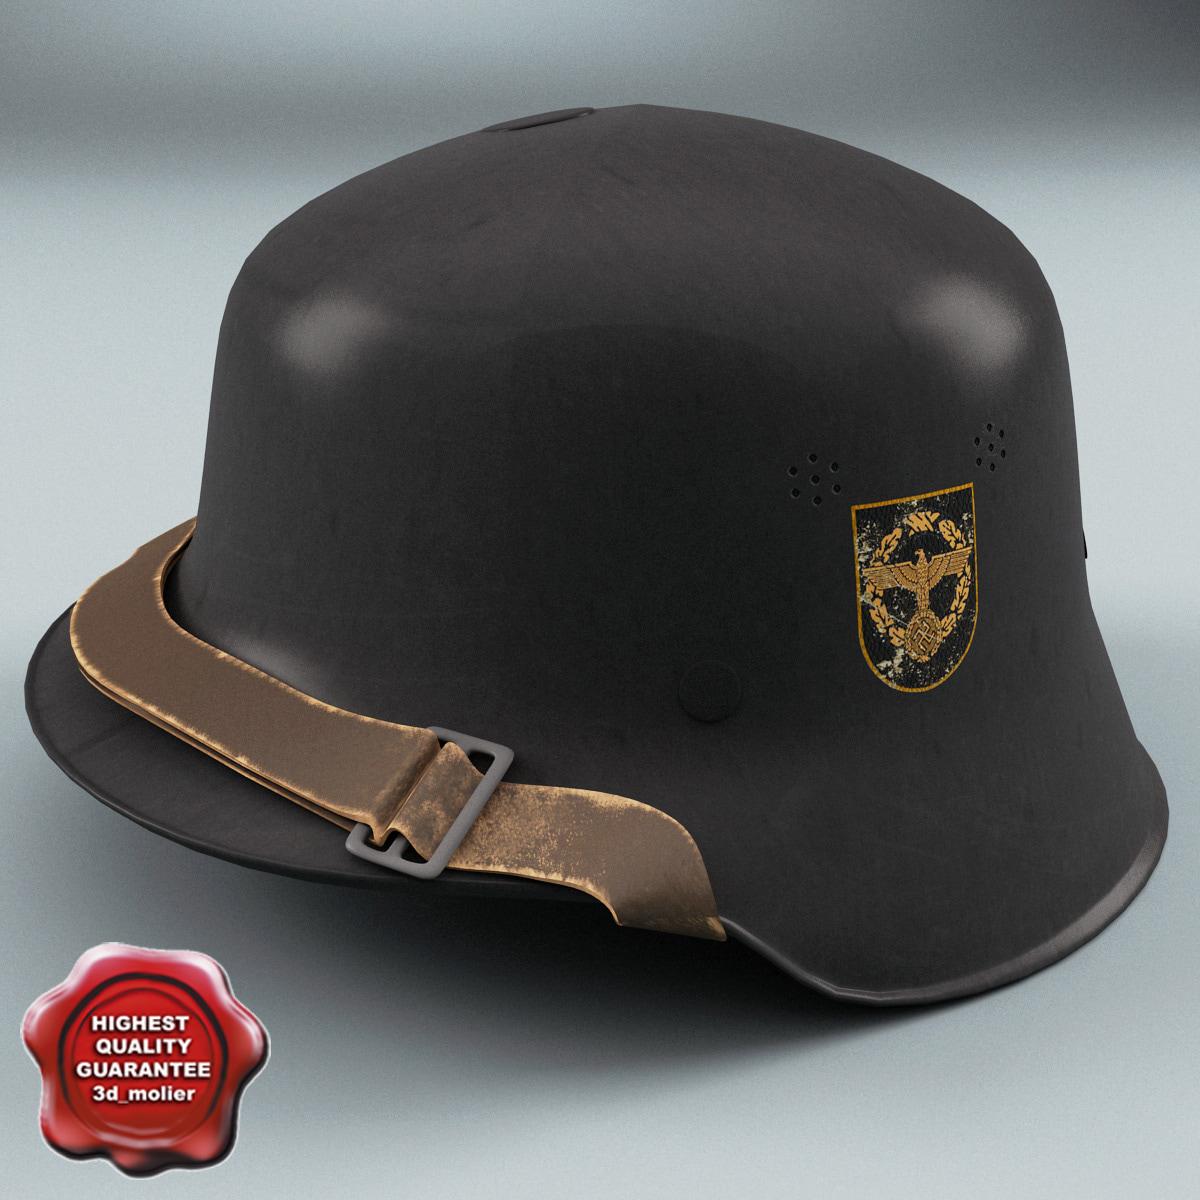 WWII_German_Helmet_M35_00.jpg